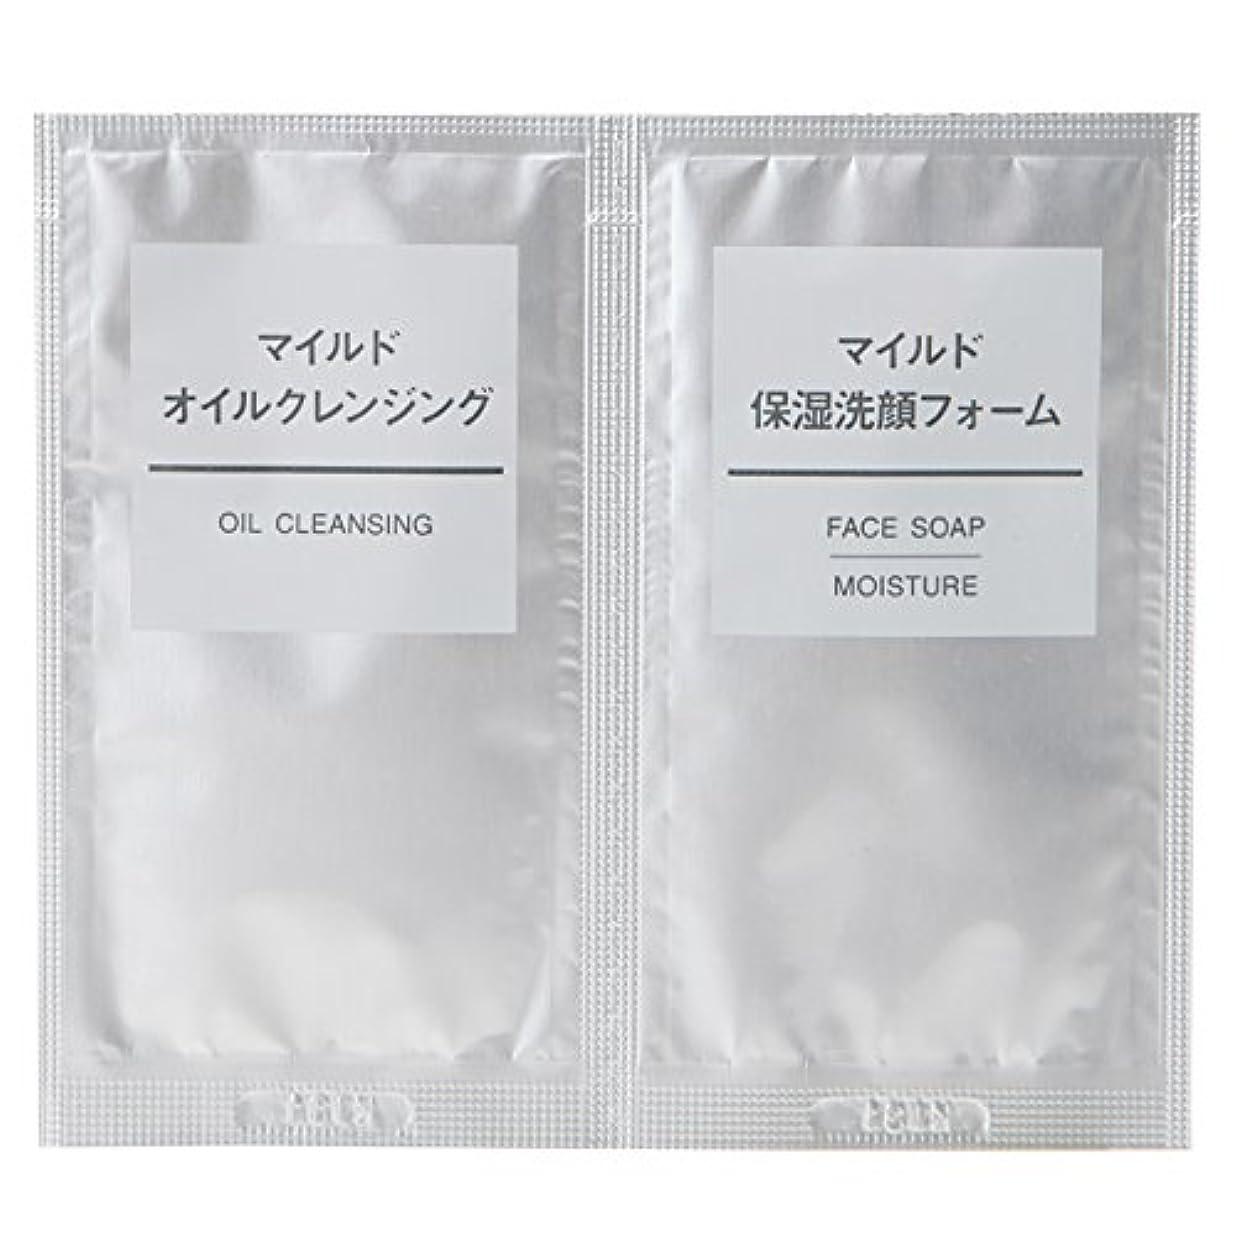 どきどき補償触手無印良品 マイルドオイルクレンジング?マイルド保湿洗顔フォームセット 3ml?3g(1回分)